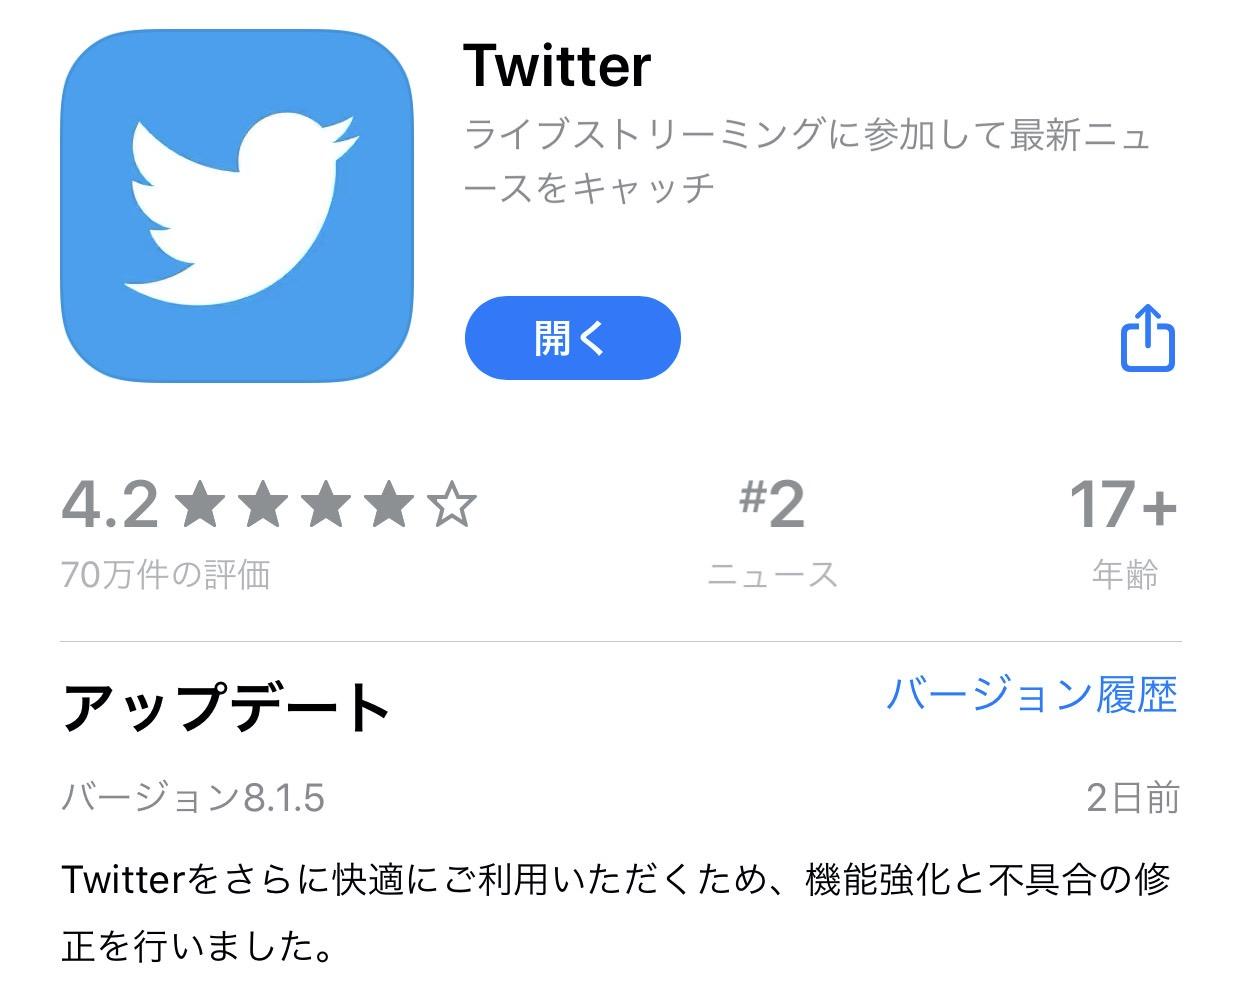 Twitterアプリが勝手にスクロールするのはバグだった!Twitterがバグ修正したと発表